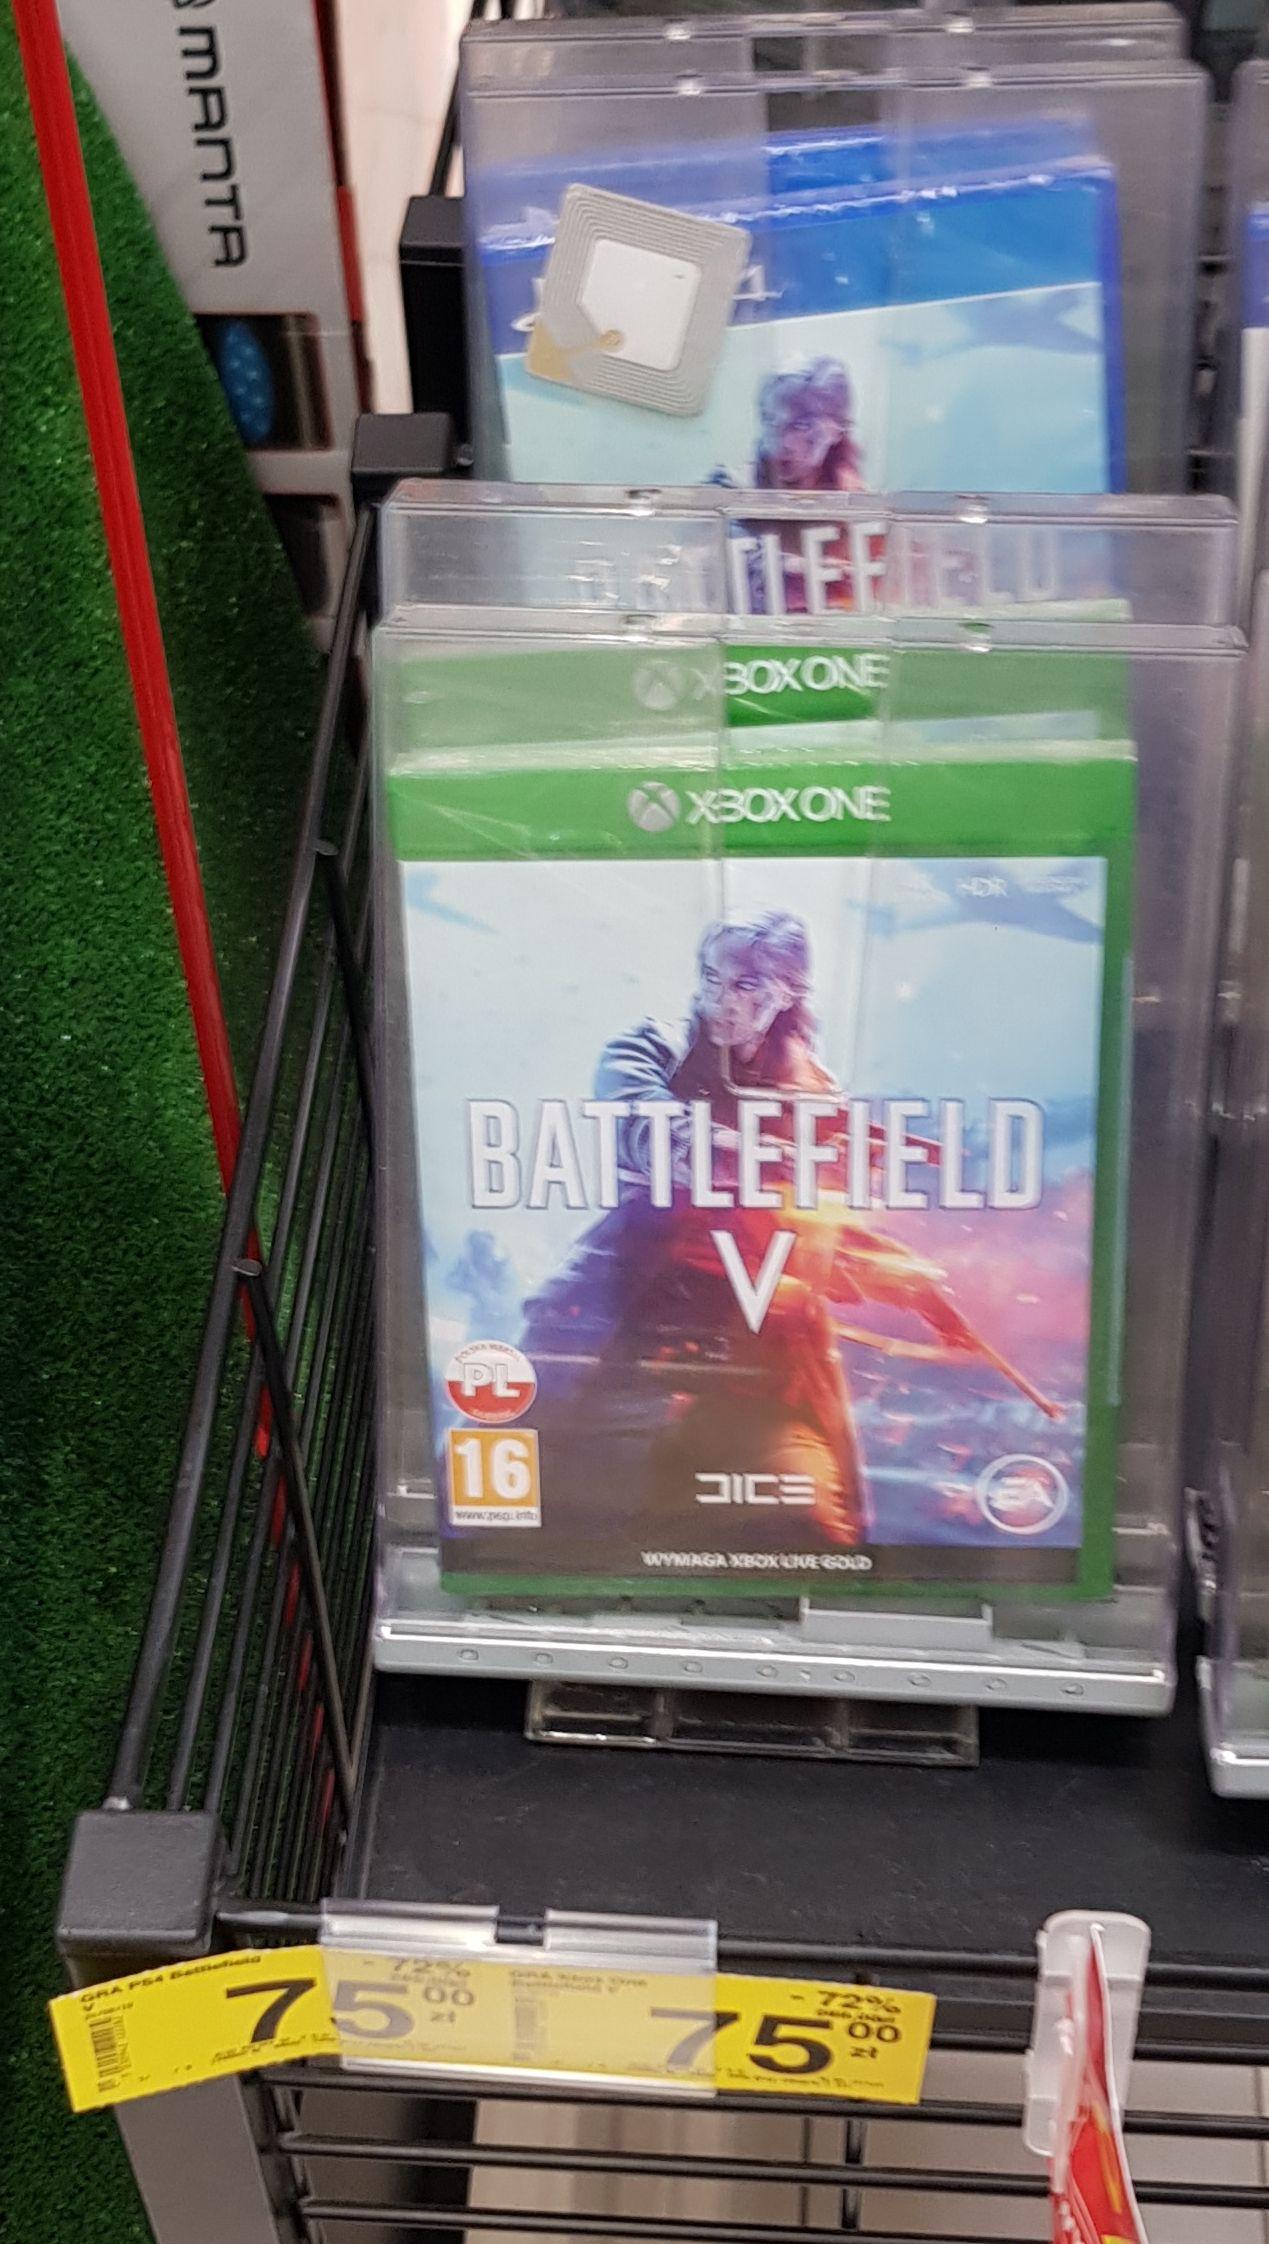 Battlefield V na PS4 i Xbox One za 75zł ( możliwe 67,5zł ) w Carrefour